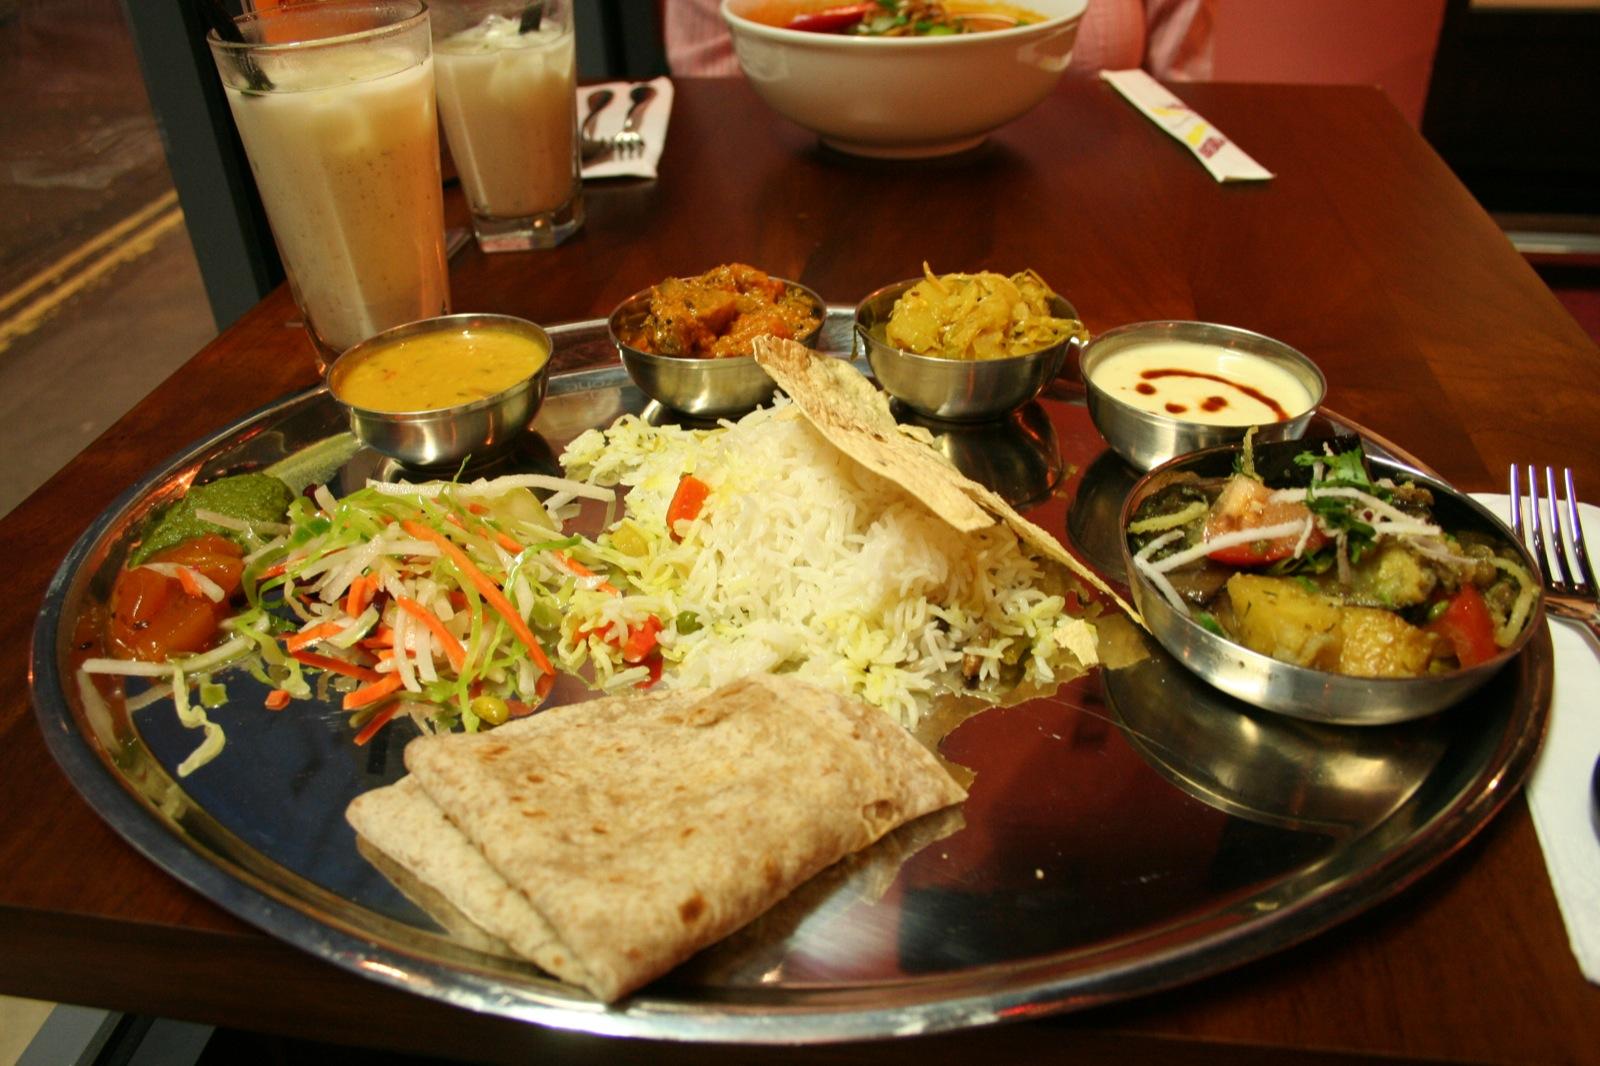 Chilli Coriander Restaurant